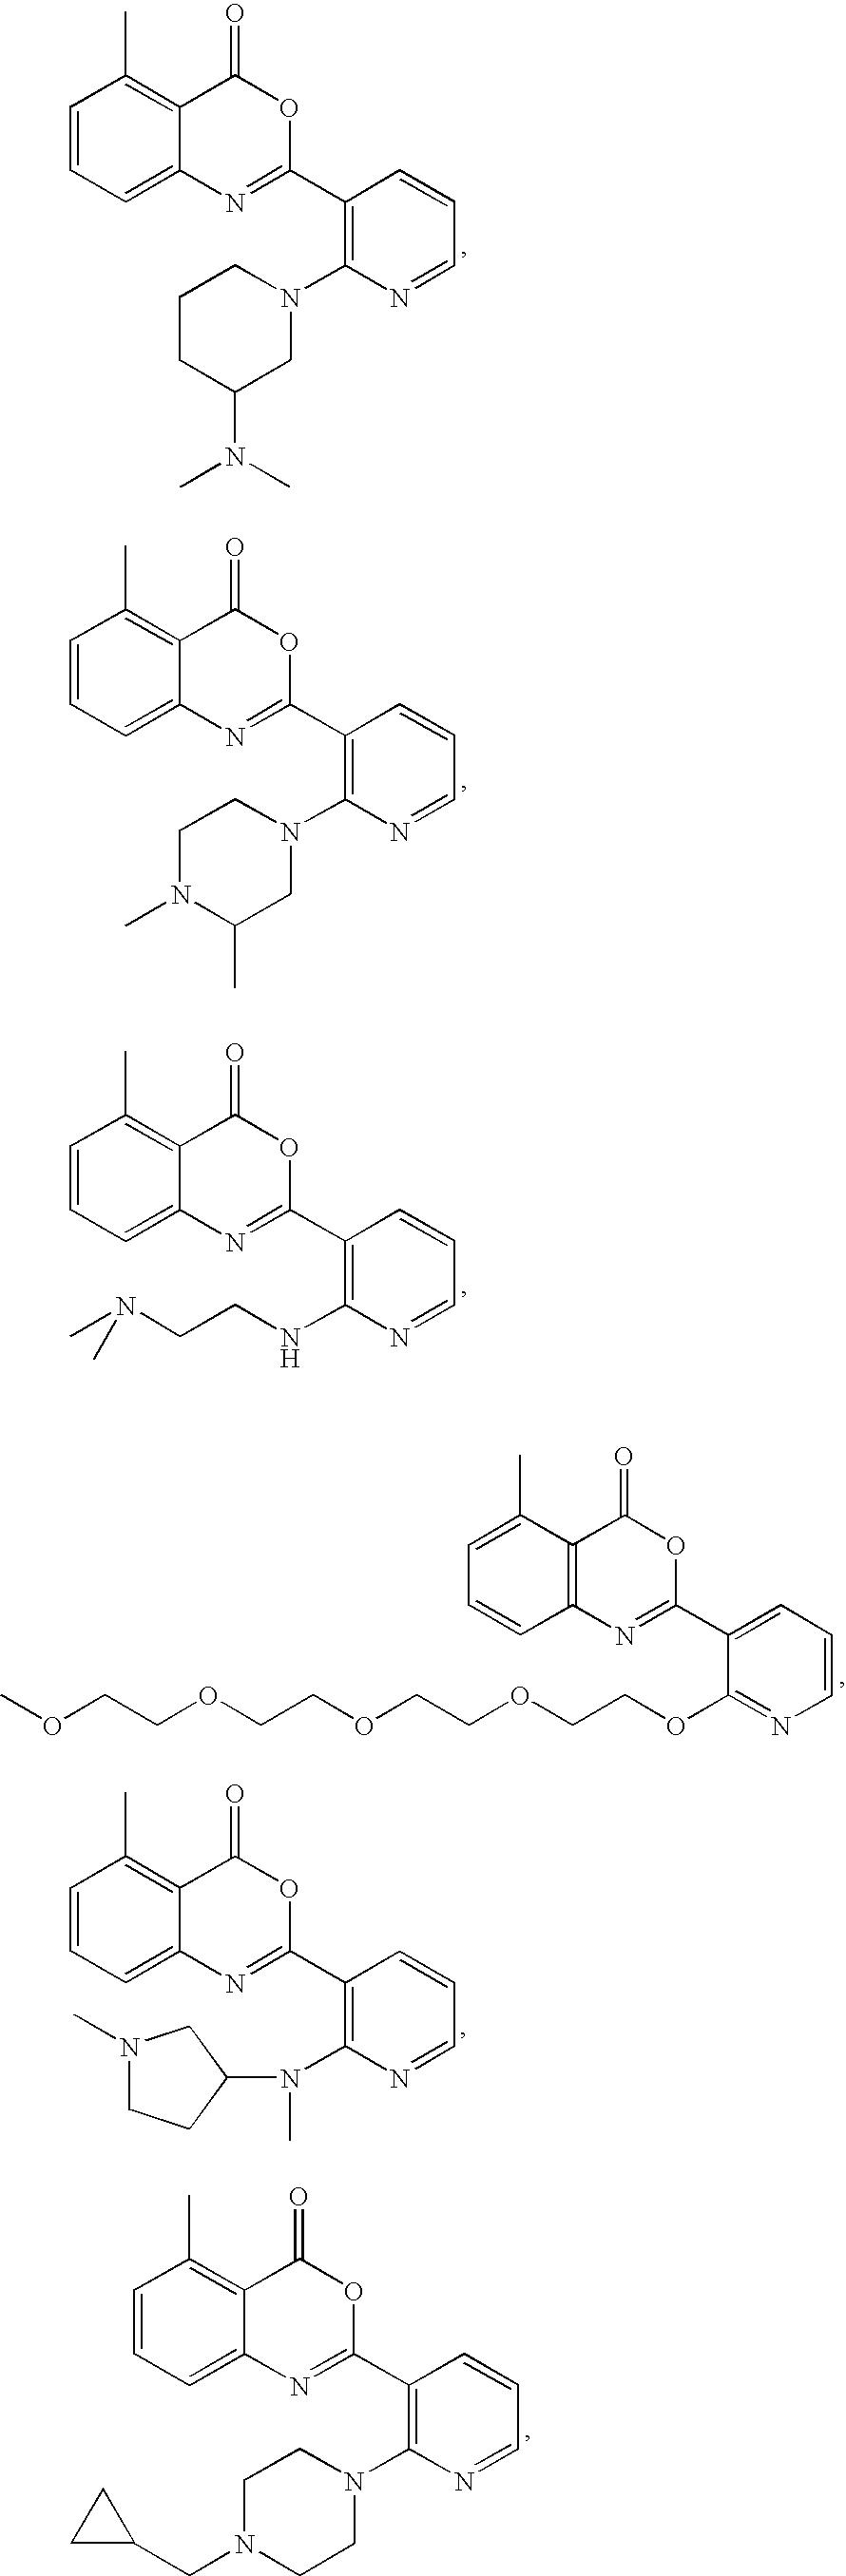 Figure US20080161290A1-20080703-C00031